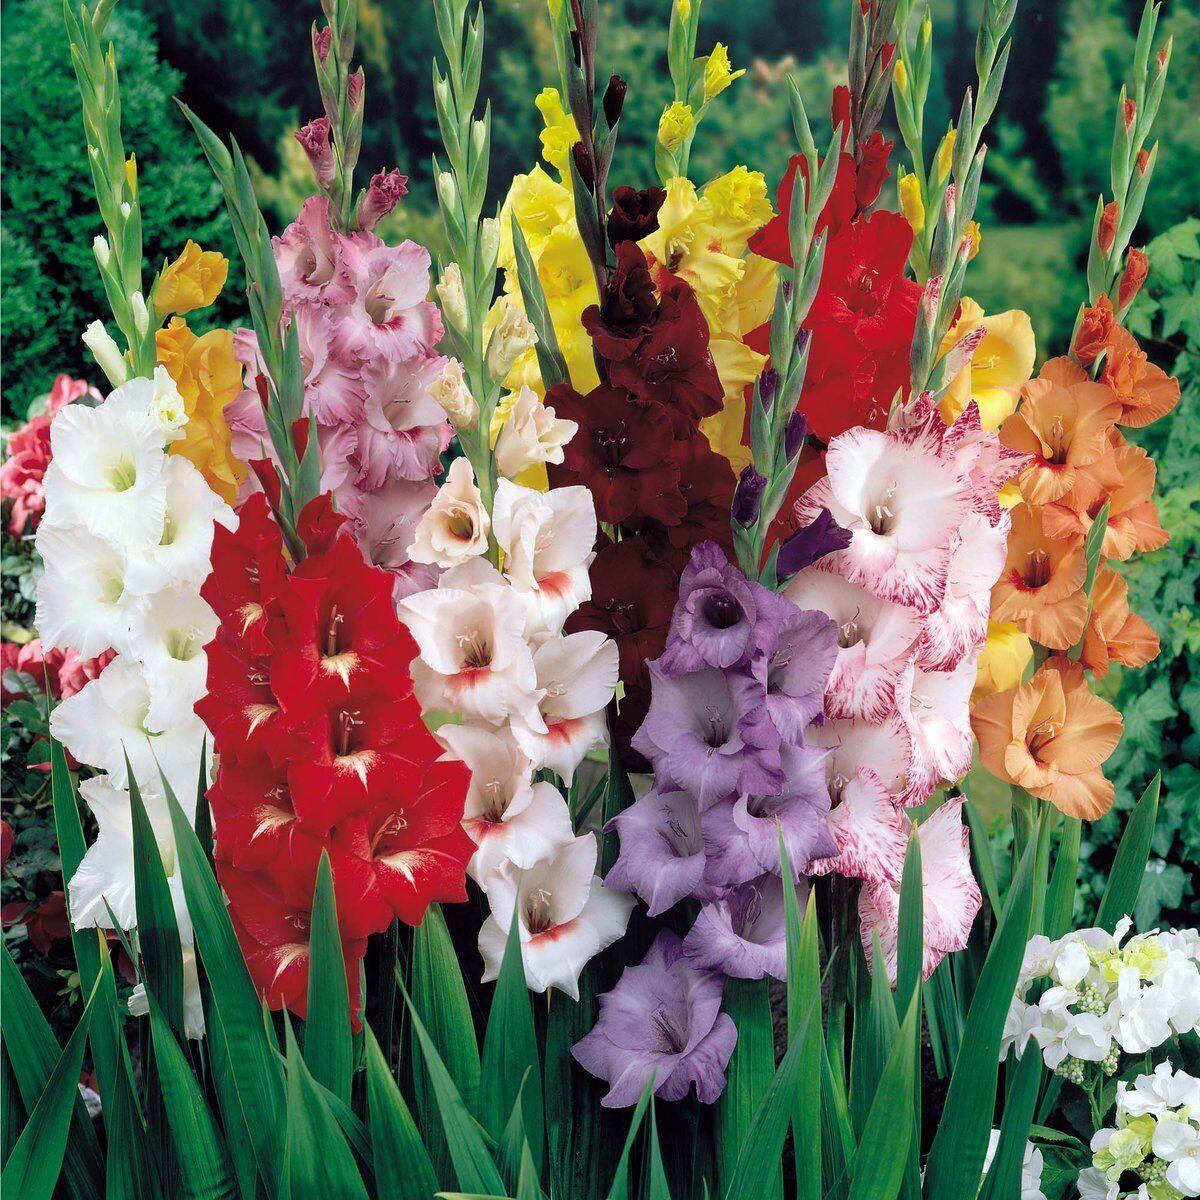 Где купить цветы гладиолусы зимой где в спб можно купить комнатные цветы орхидеи